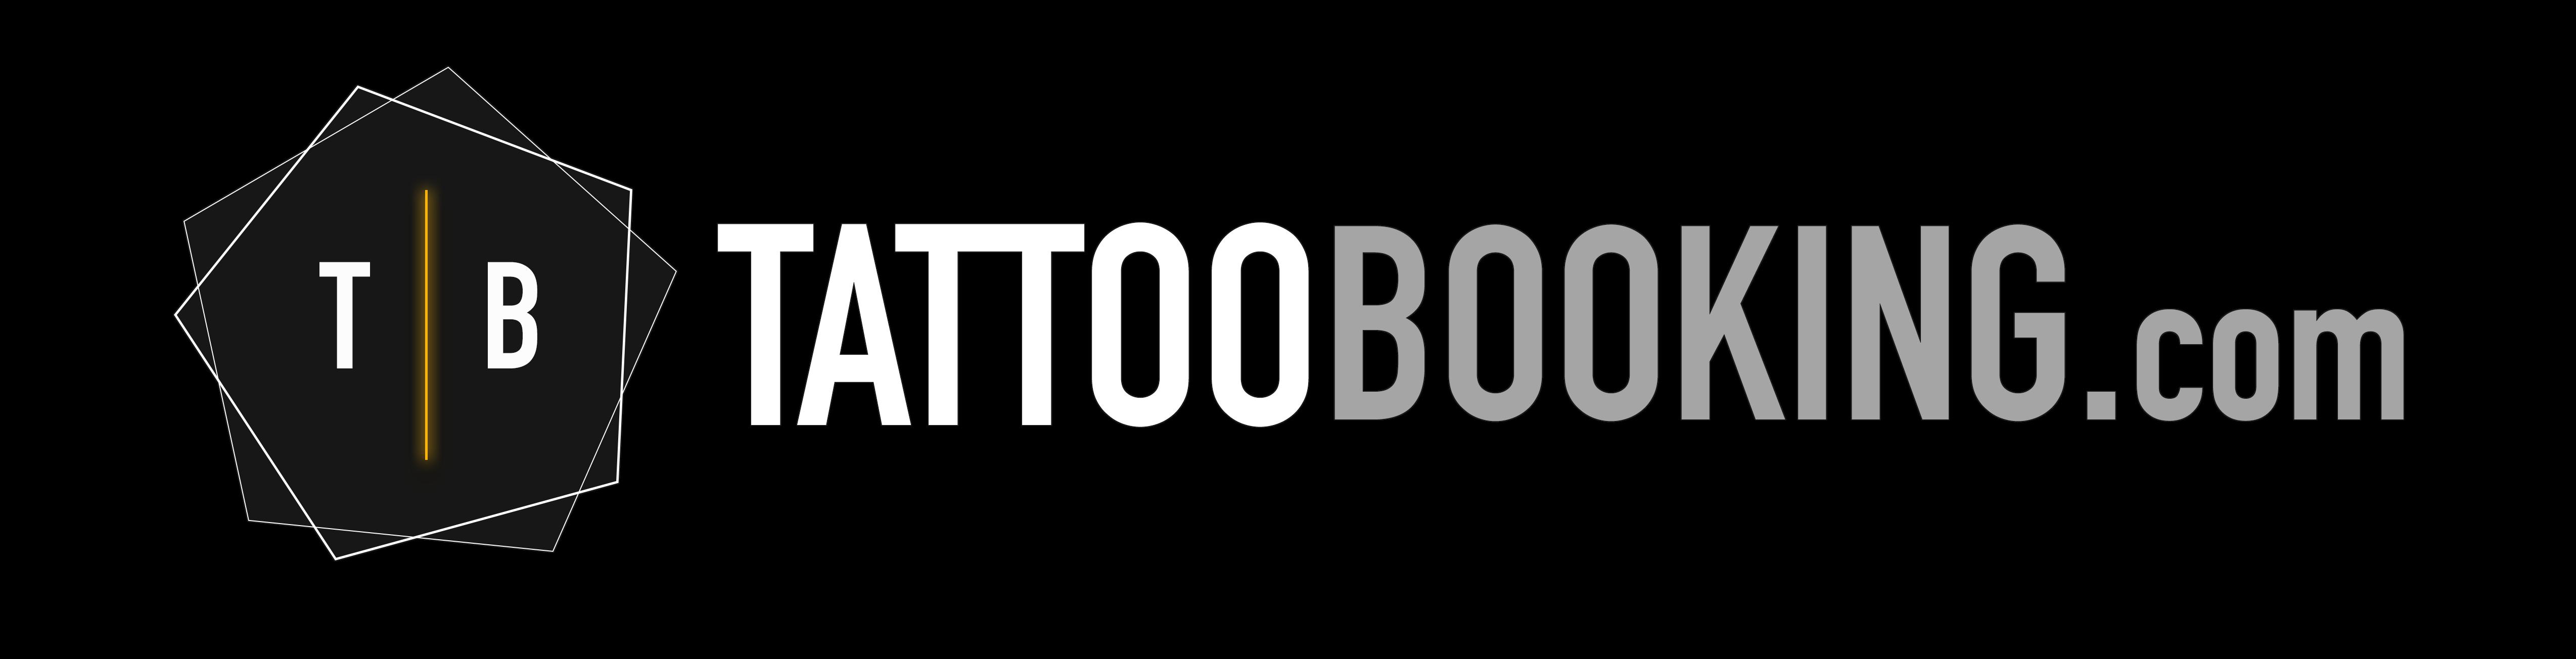 Tattoo Booking | TattooBooking.com